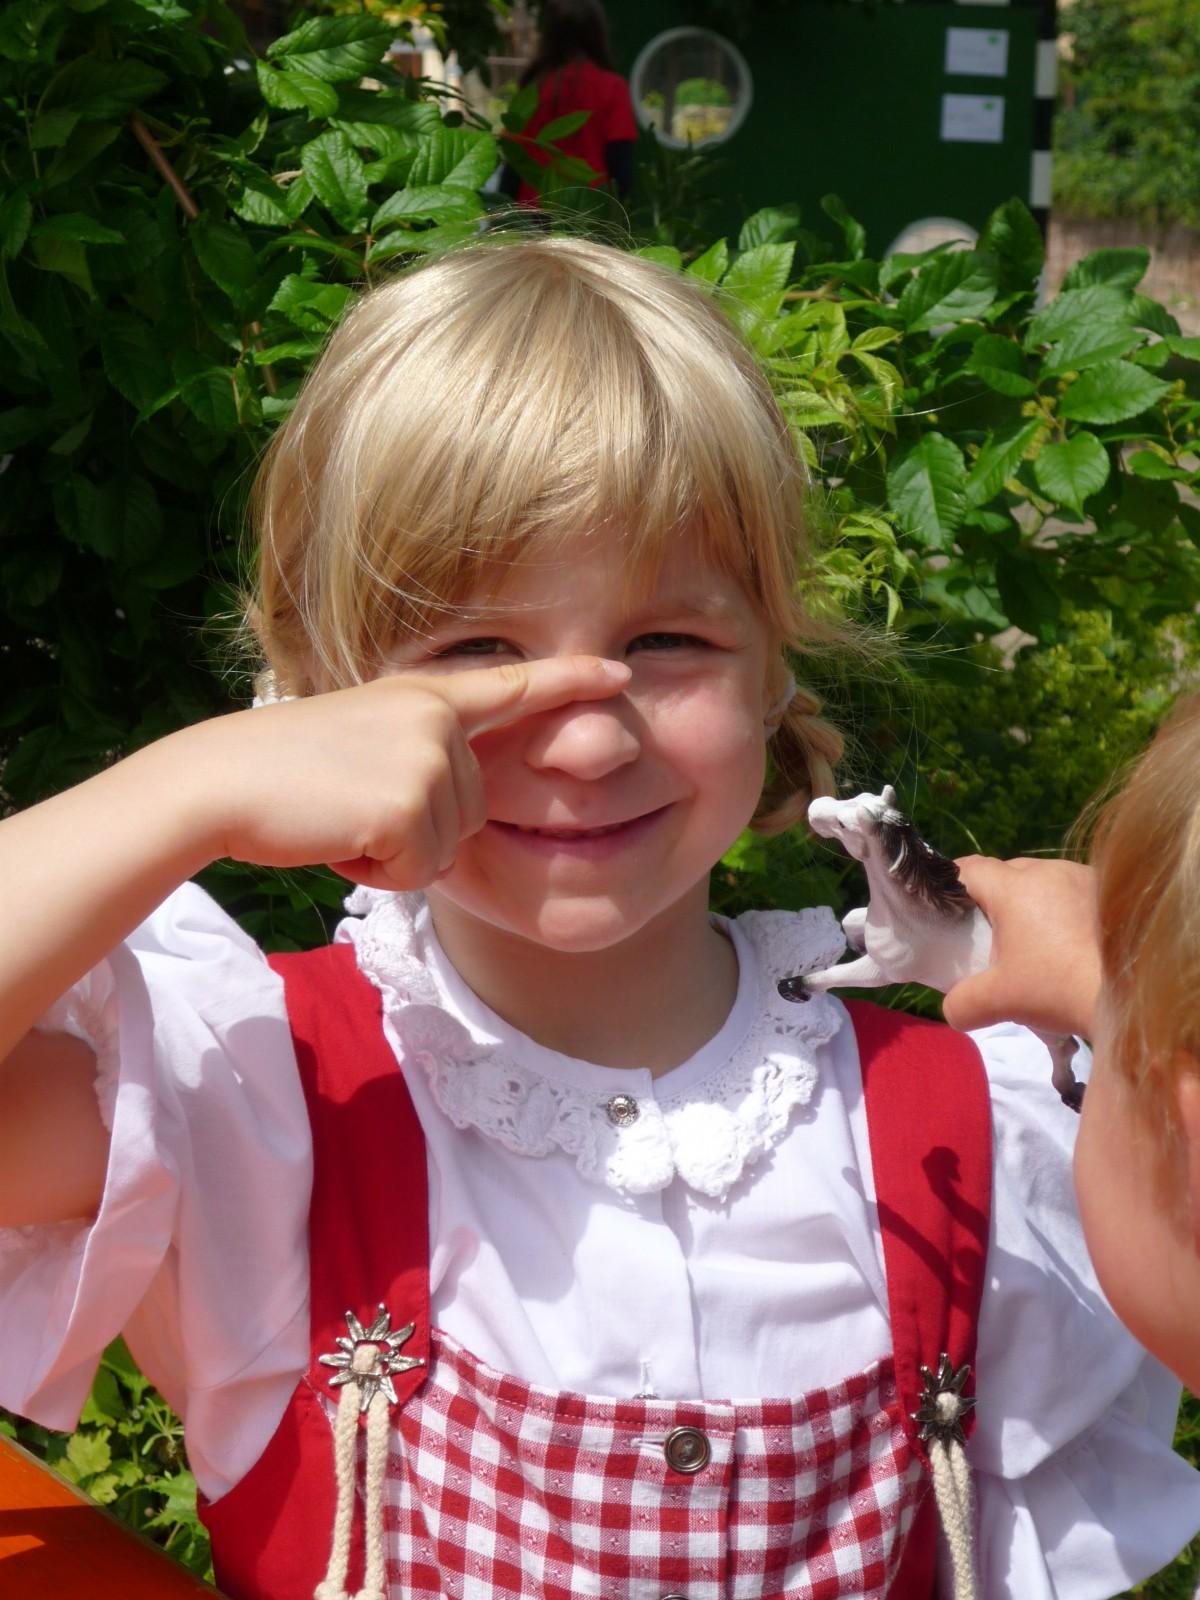 Fotos gratis : gente, jugar, linda, color, niño, vistoso, cara, Ojos, niñito, ver, tradicion ...